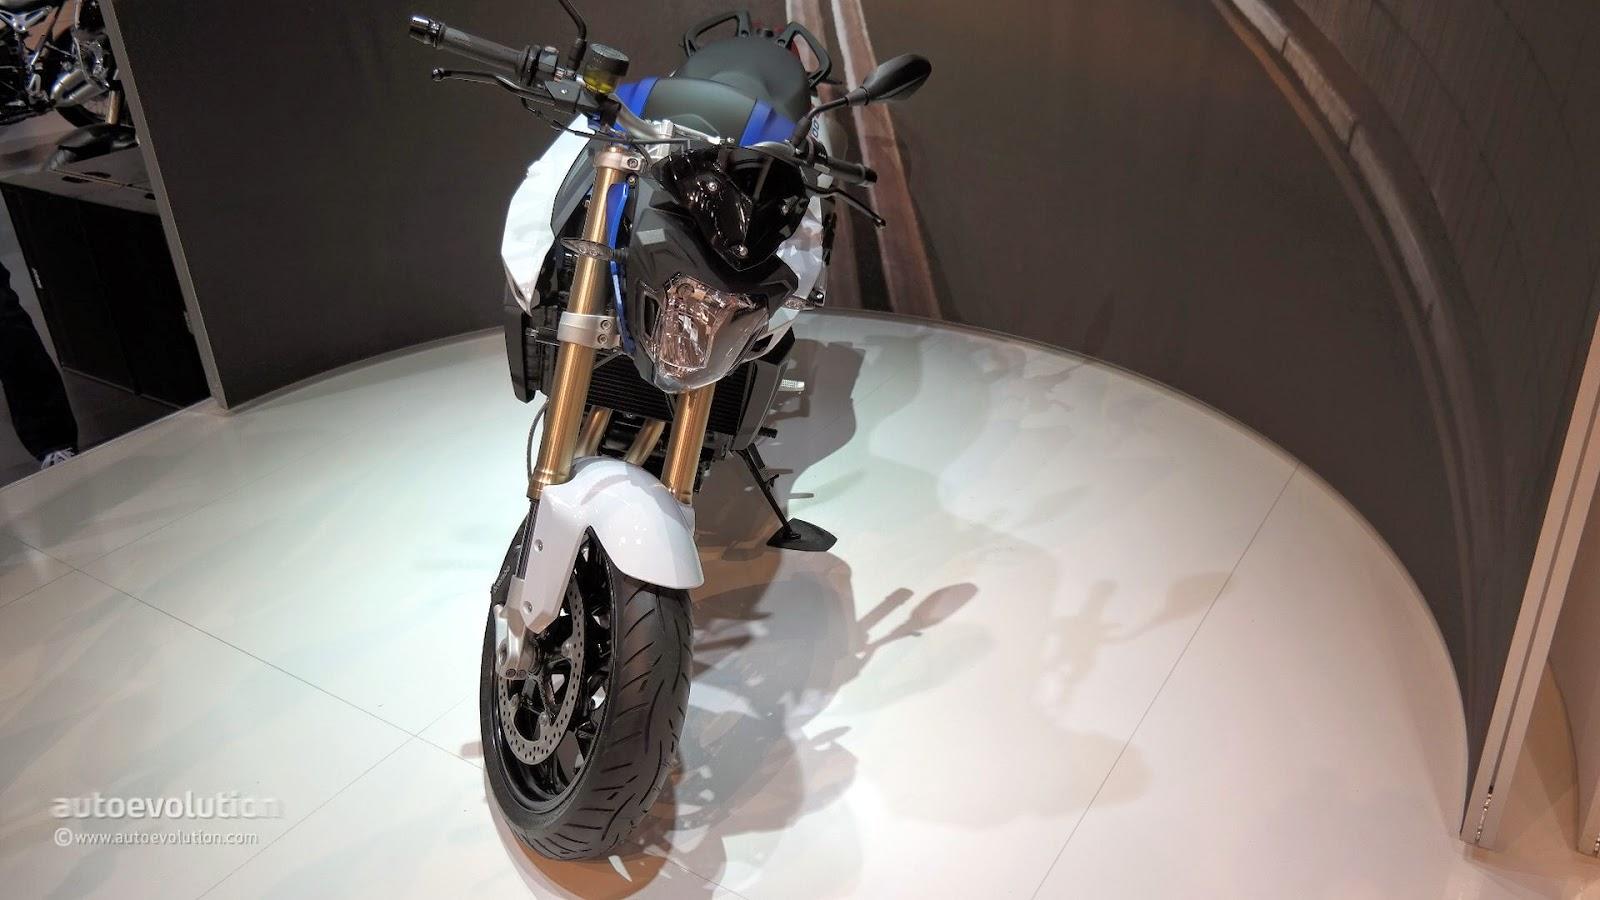 New BMW Naked Bike F800R 2015